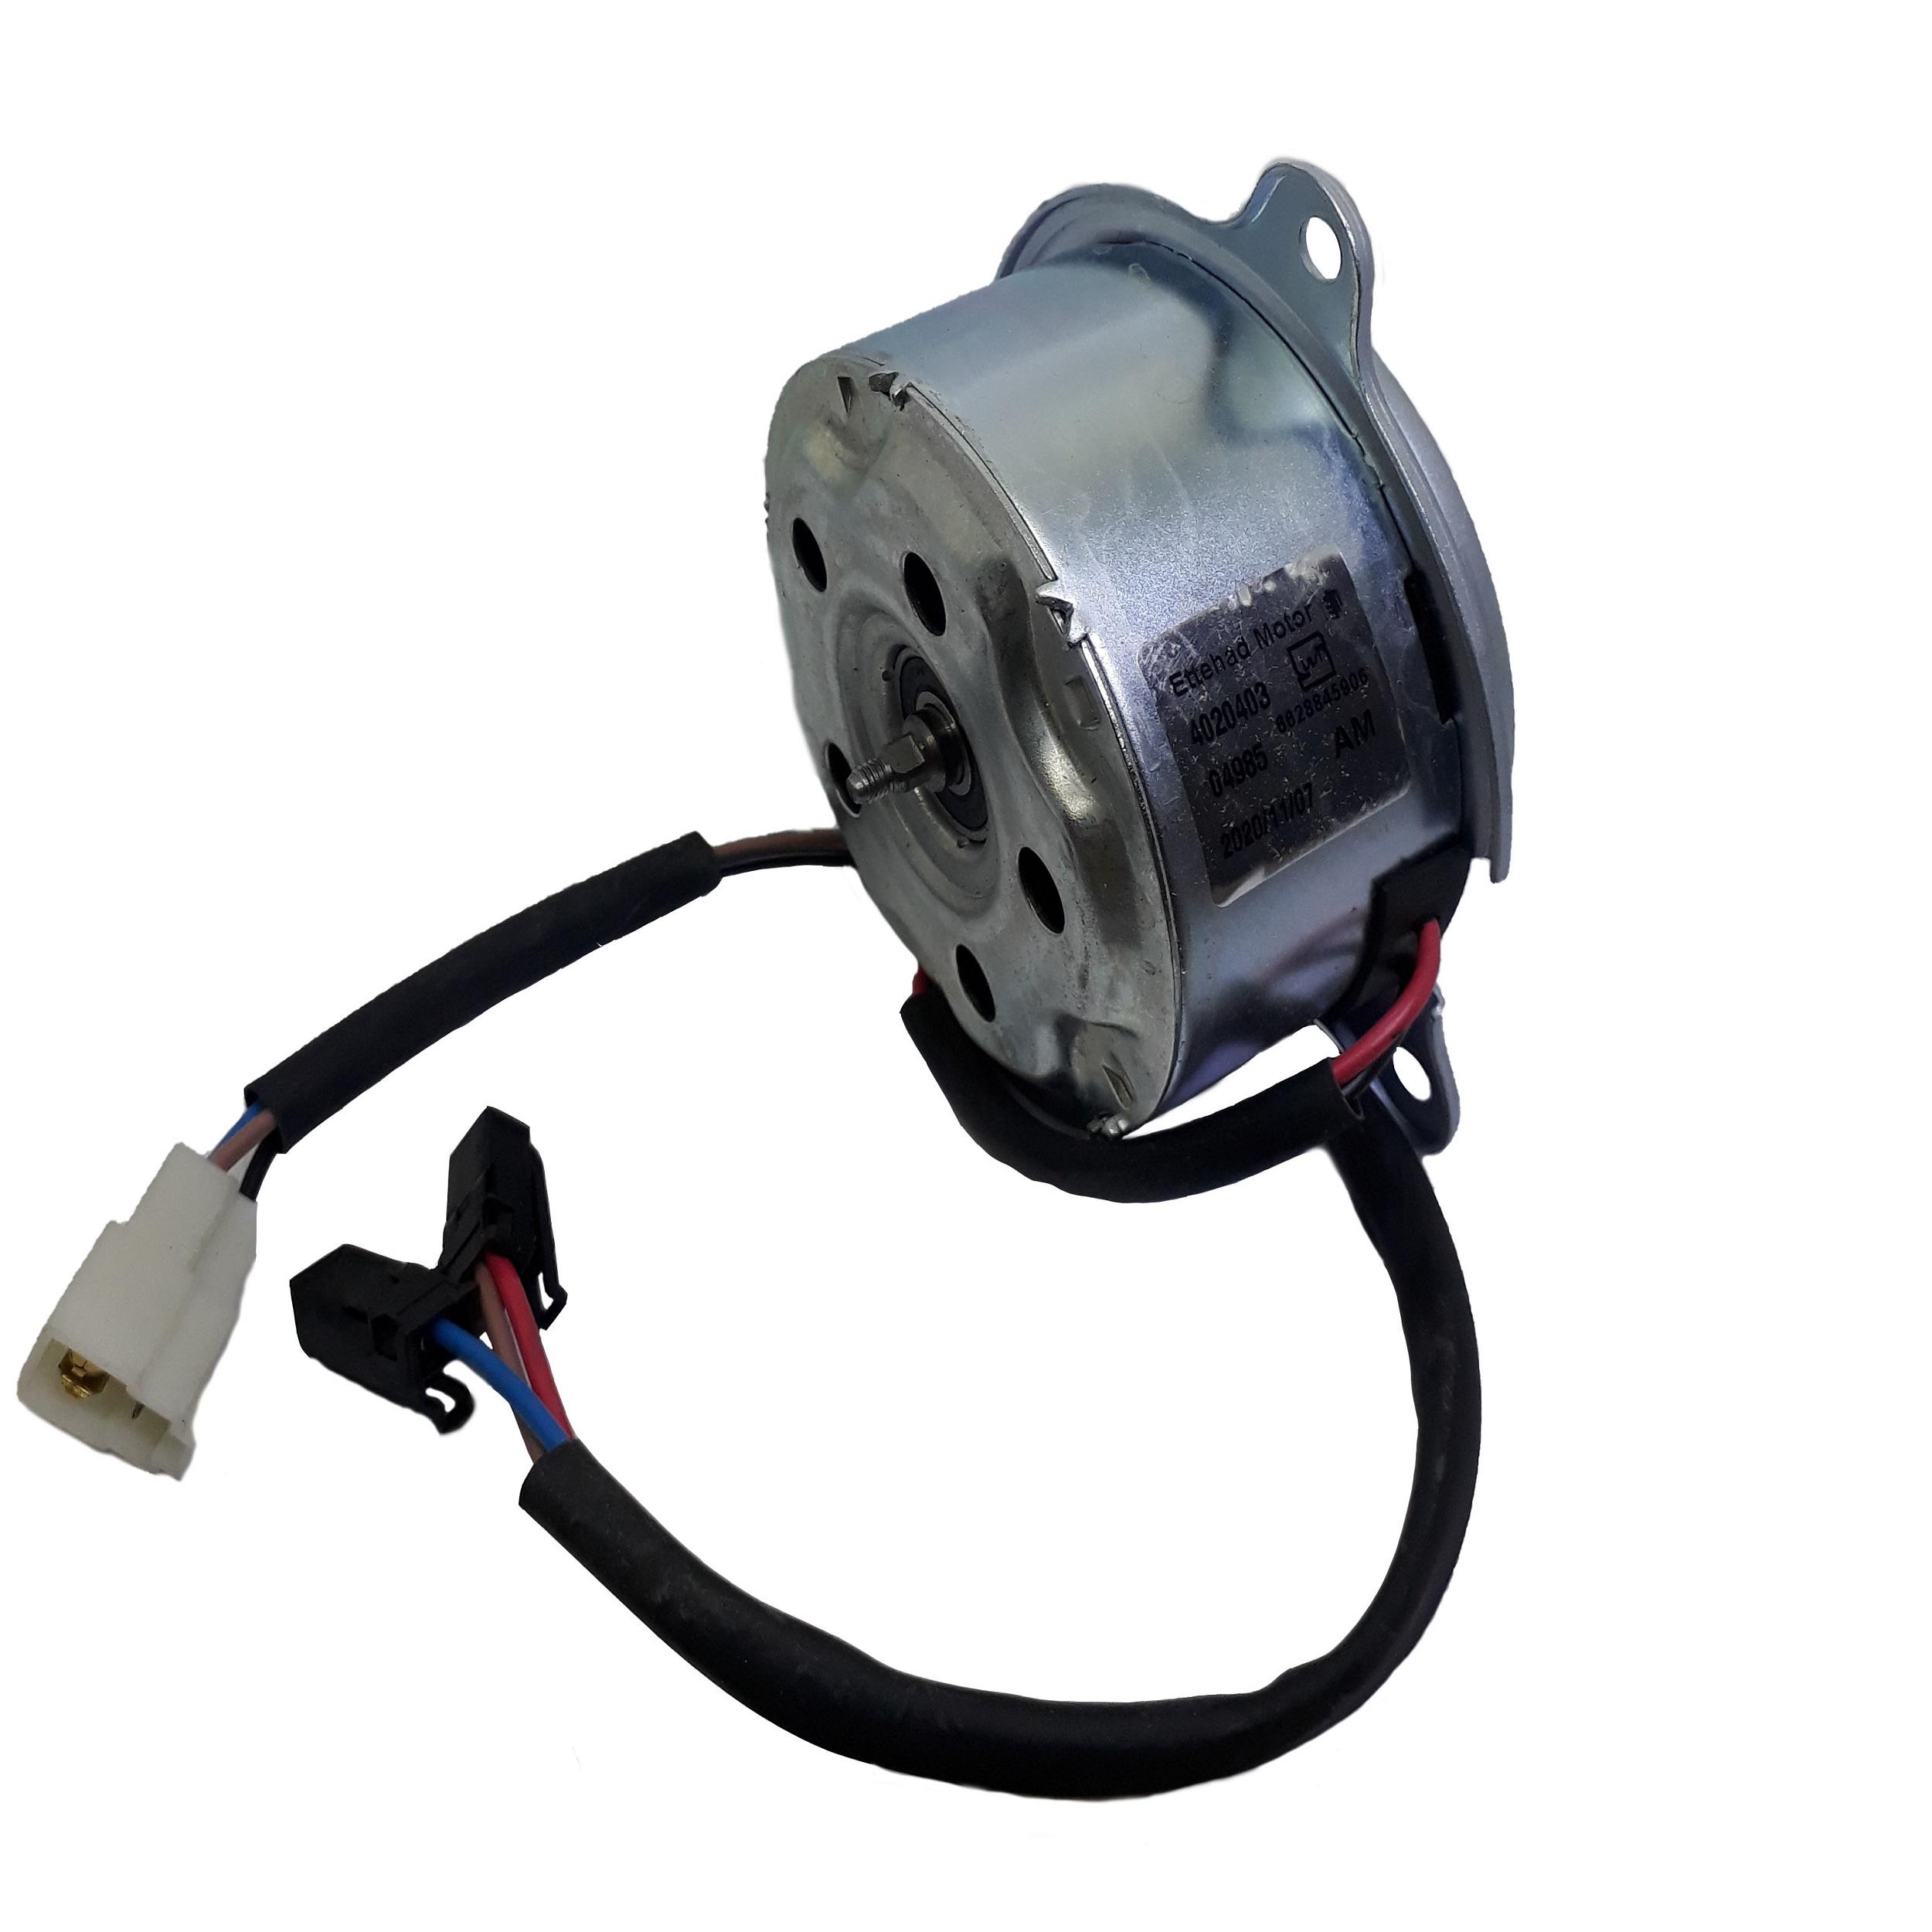 موتور فن امکو کد 15150 مناسب برای پراید